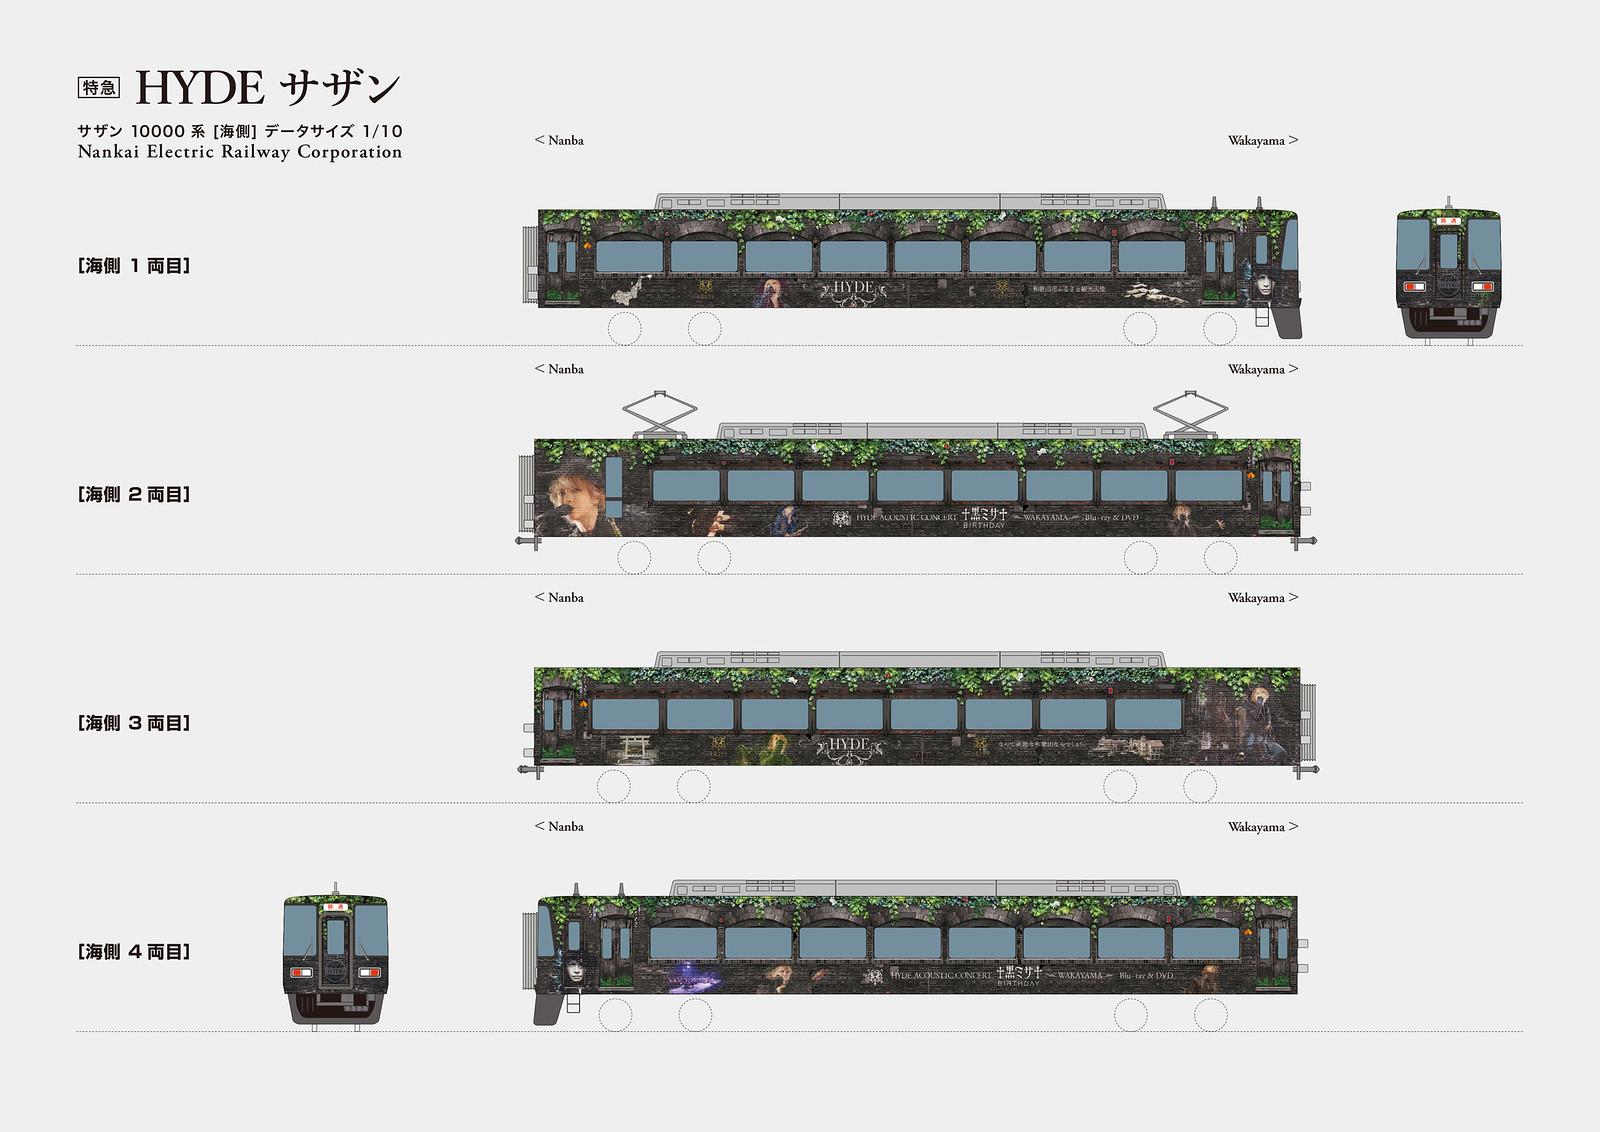 南海電鉄 特急 HYDE サザン